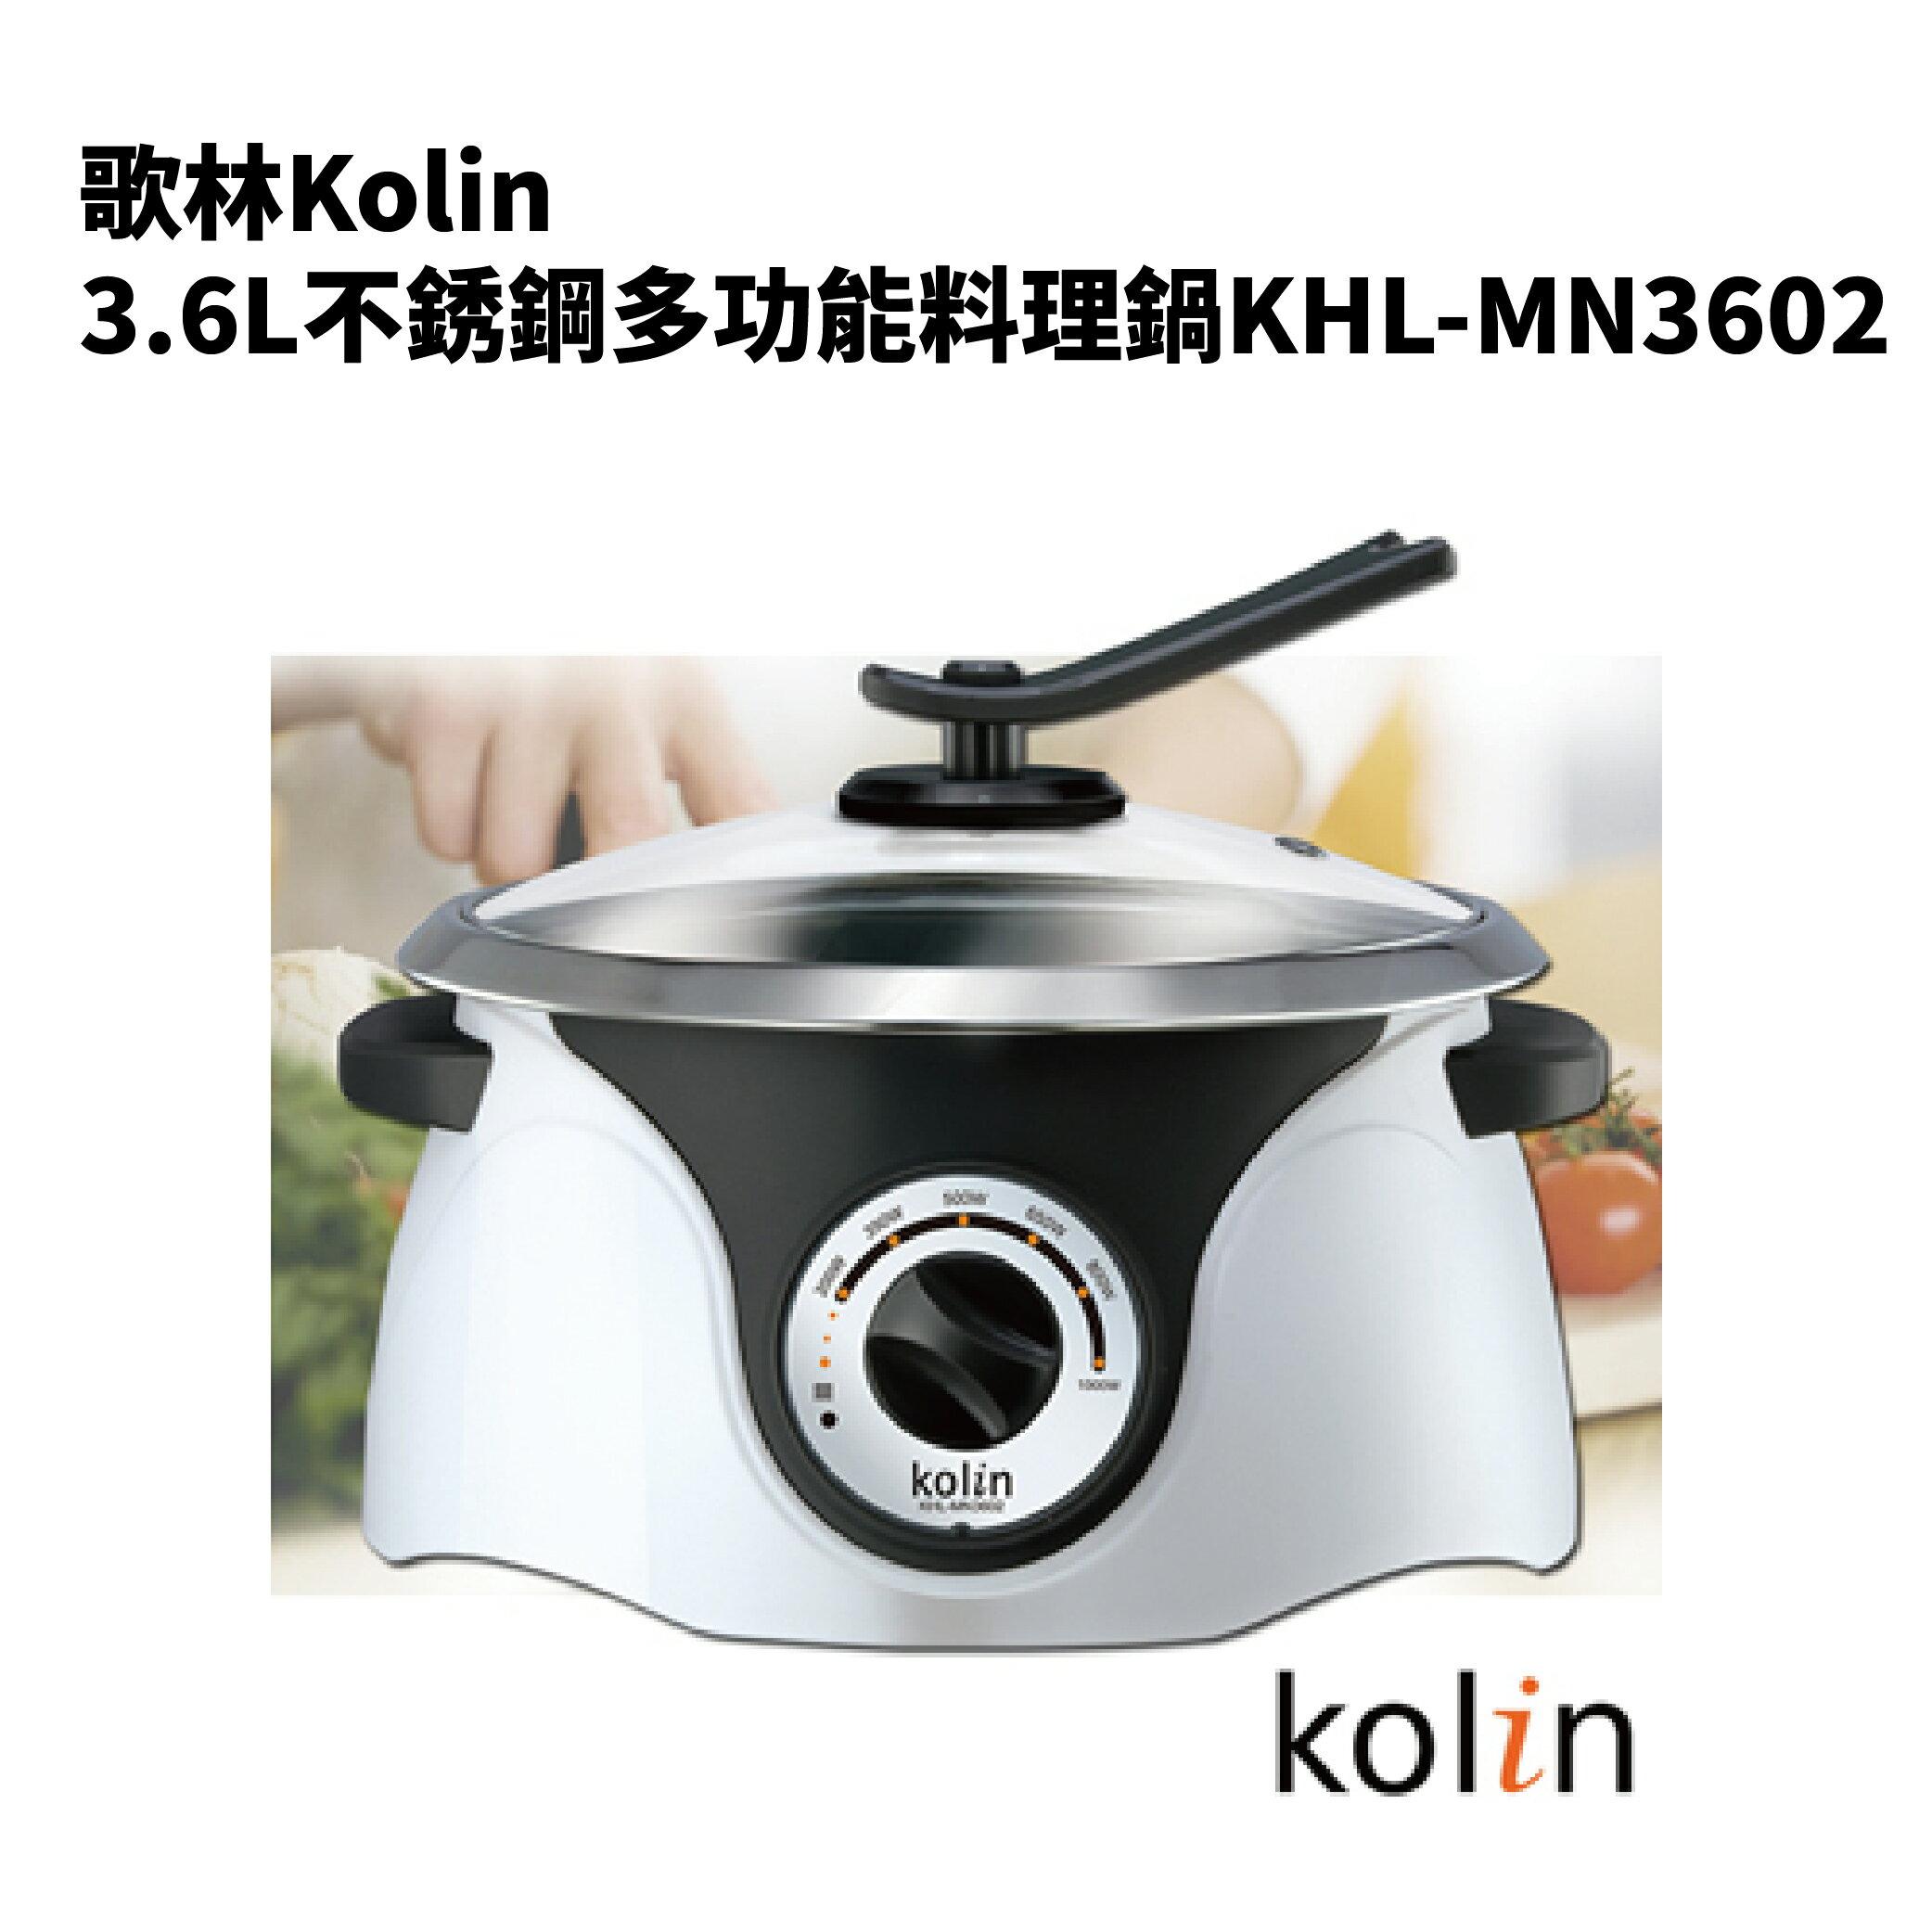 歌林Kolin 3.6L不銹鋼多功能料理鍋KHL-MN3602 [分期0利率]